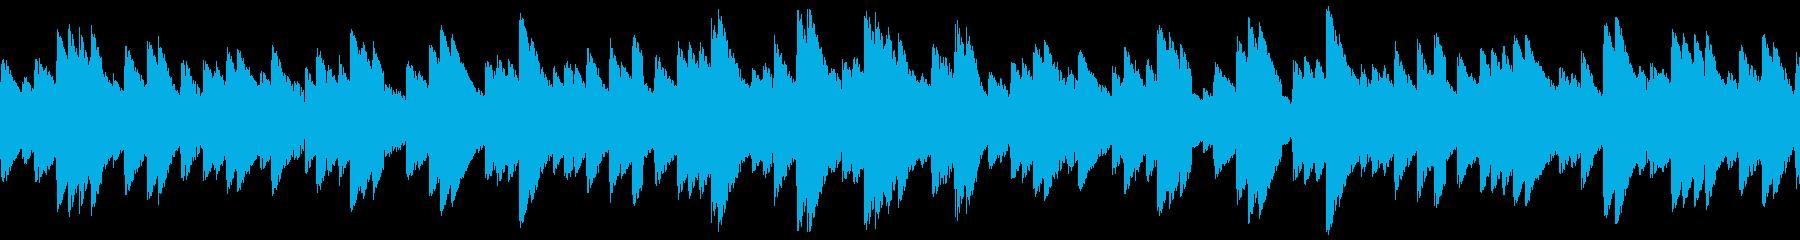 電話のようなコンピューターデータま...の再生済みの波形